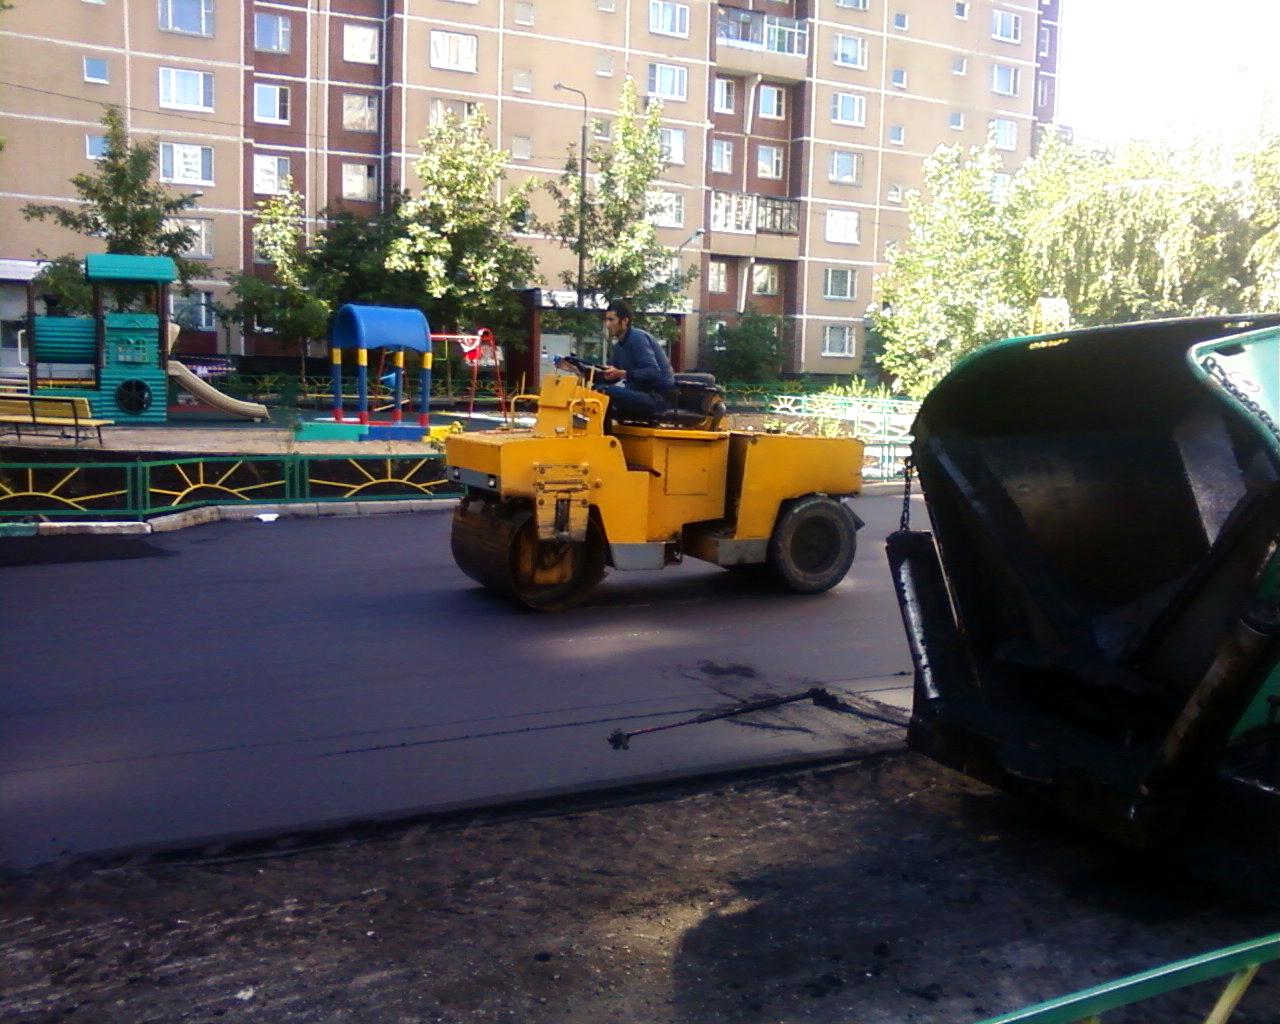 Асфальтирование площадок, укладка асфальта, асфальтирование дорог, строительство дорог, ямочный ремонт, дорожные работы, ремонт дорог